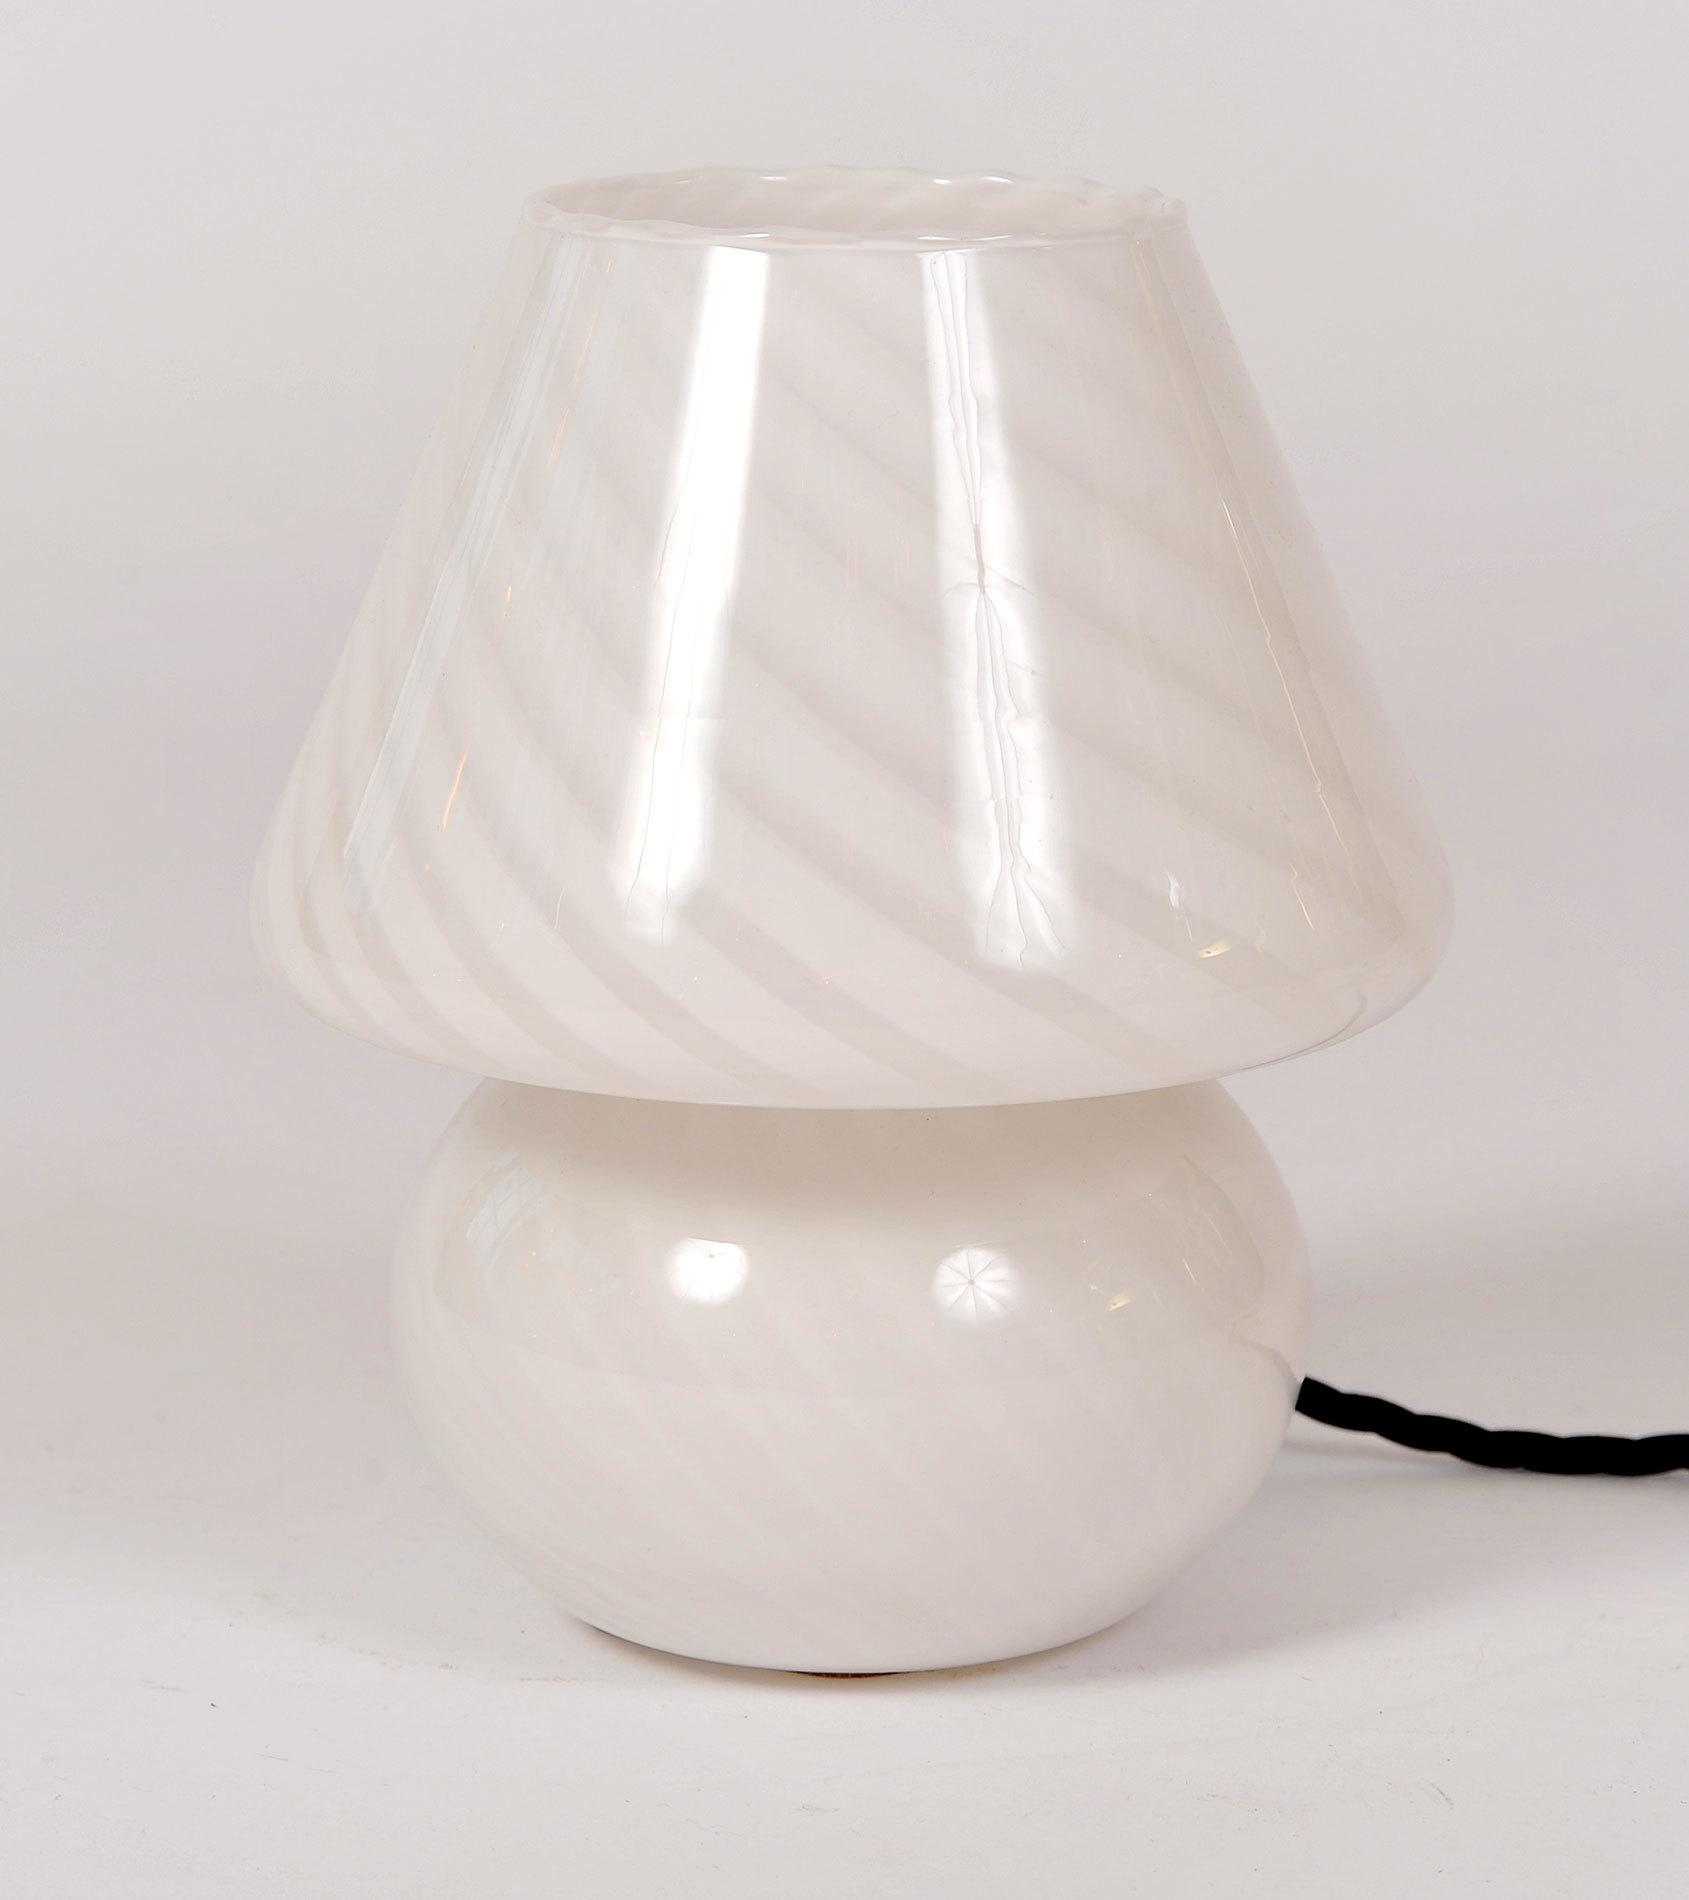 Italian 1960s Murano glass mushroom